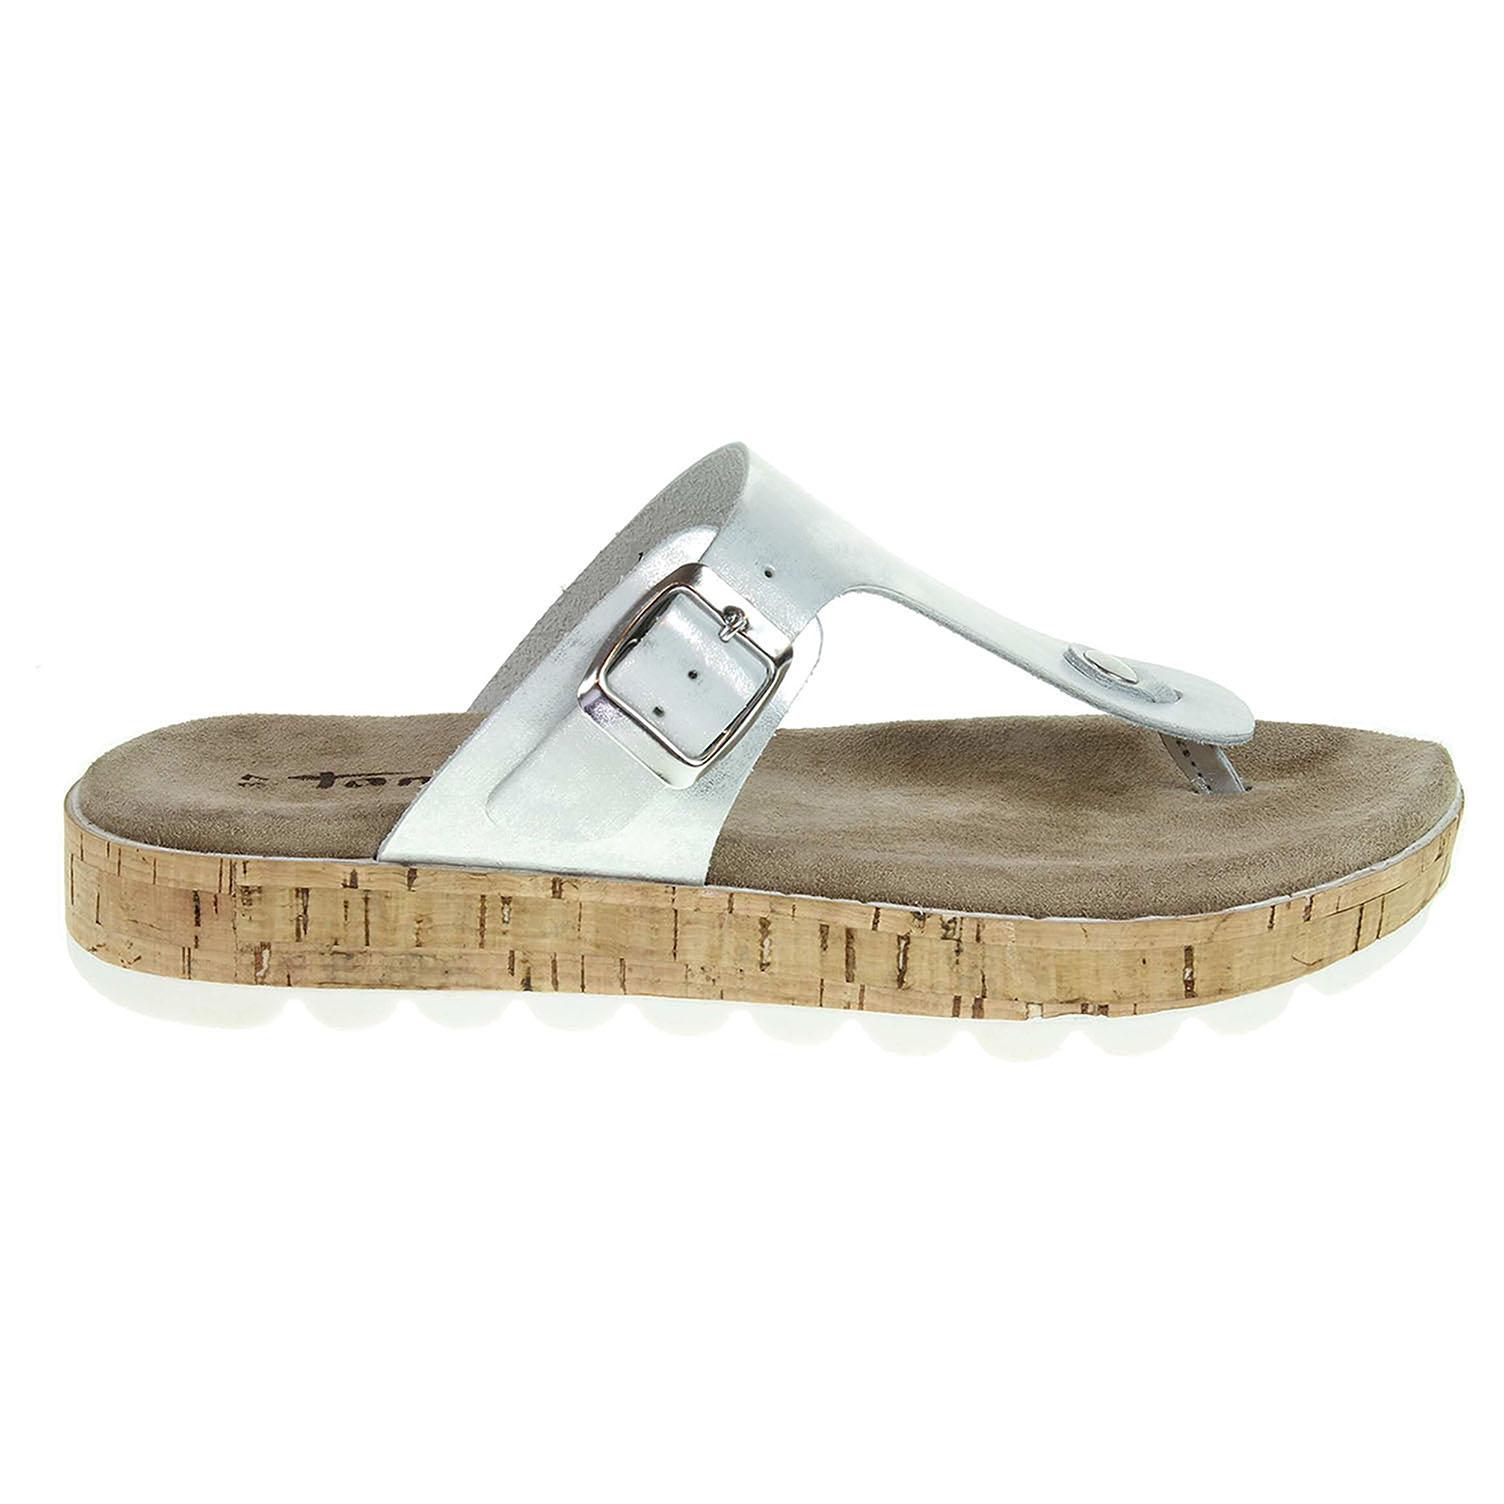 Ecco Tamaris dámské pantofle 1-27208-28 stříbrné 23600769